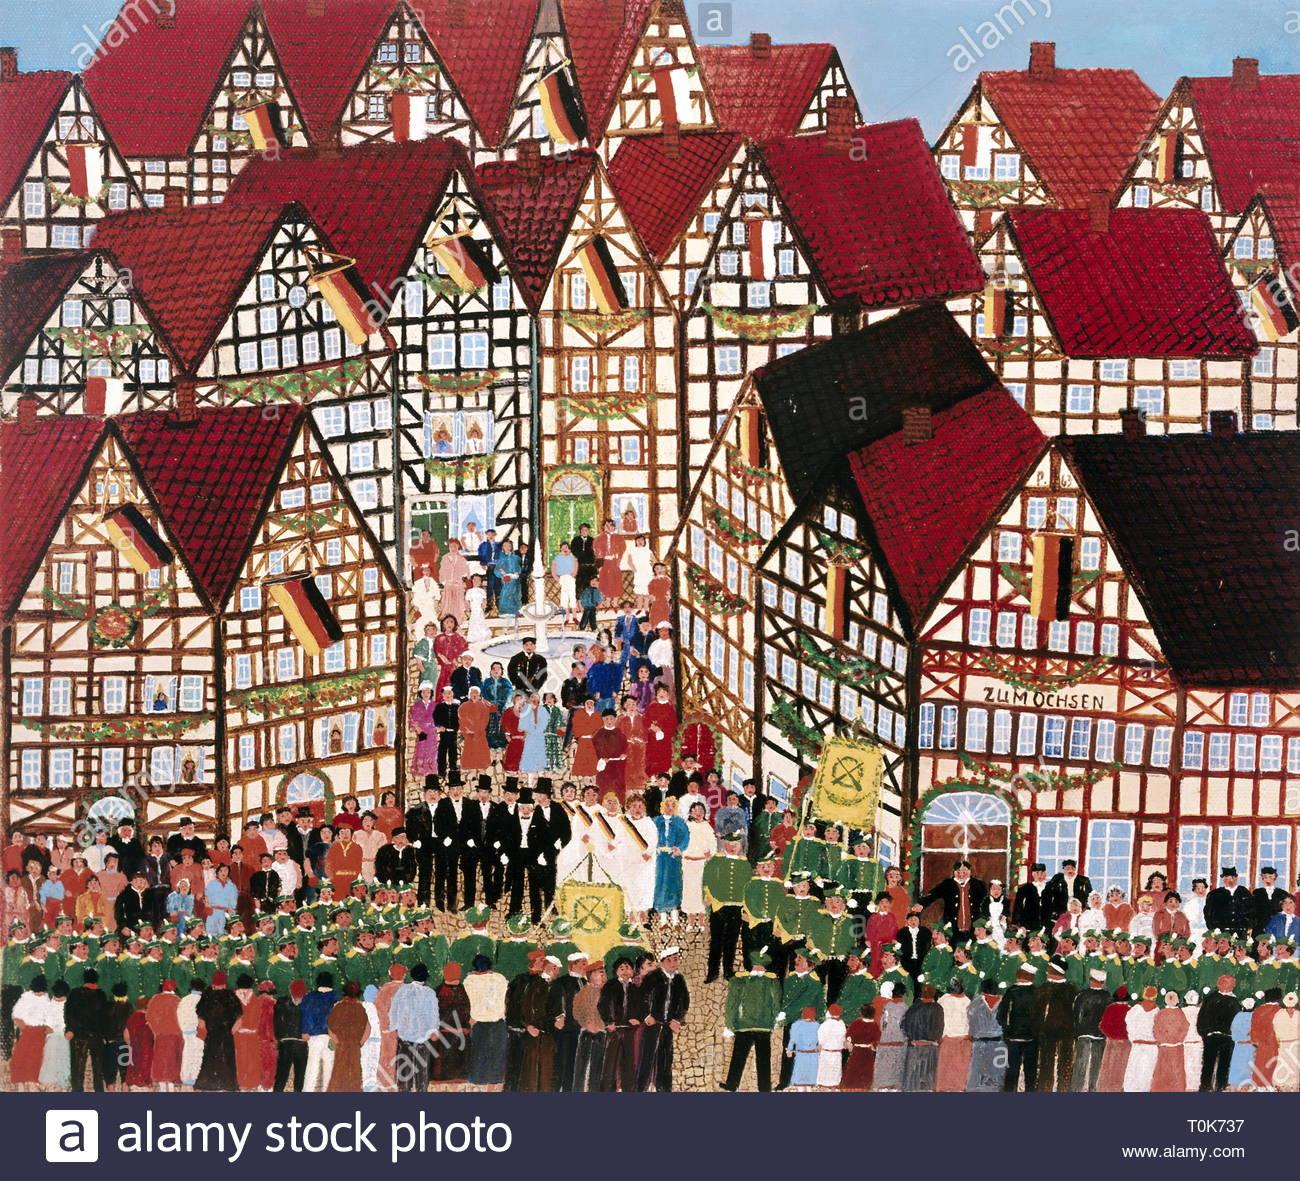 """Bildende Kunst, Paps (Waldemar Rusche, 1882 - 1965), der Malerei, der chuetzenfest in Hessen"""", Öl auf Leinwand, 1963, Privatsammlung, Artist's Urheberrecht muss auch gelöscht werden. Stockbild"""